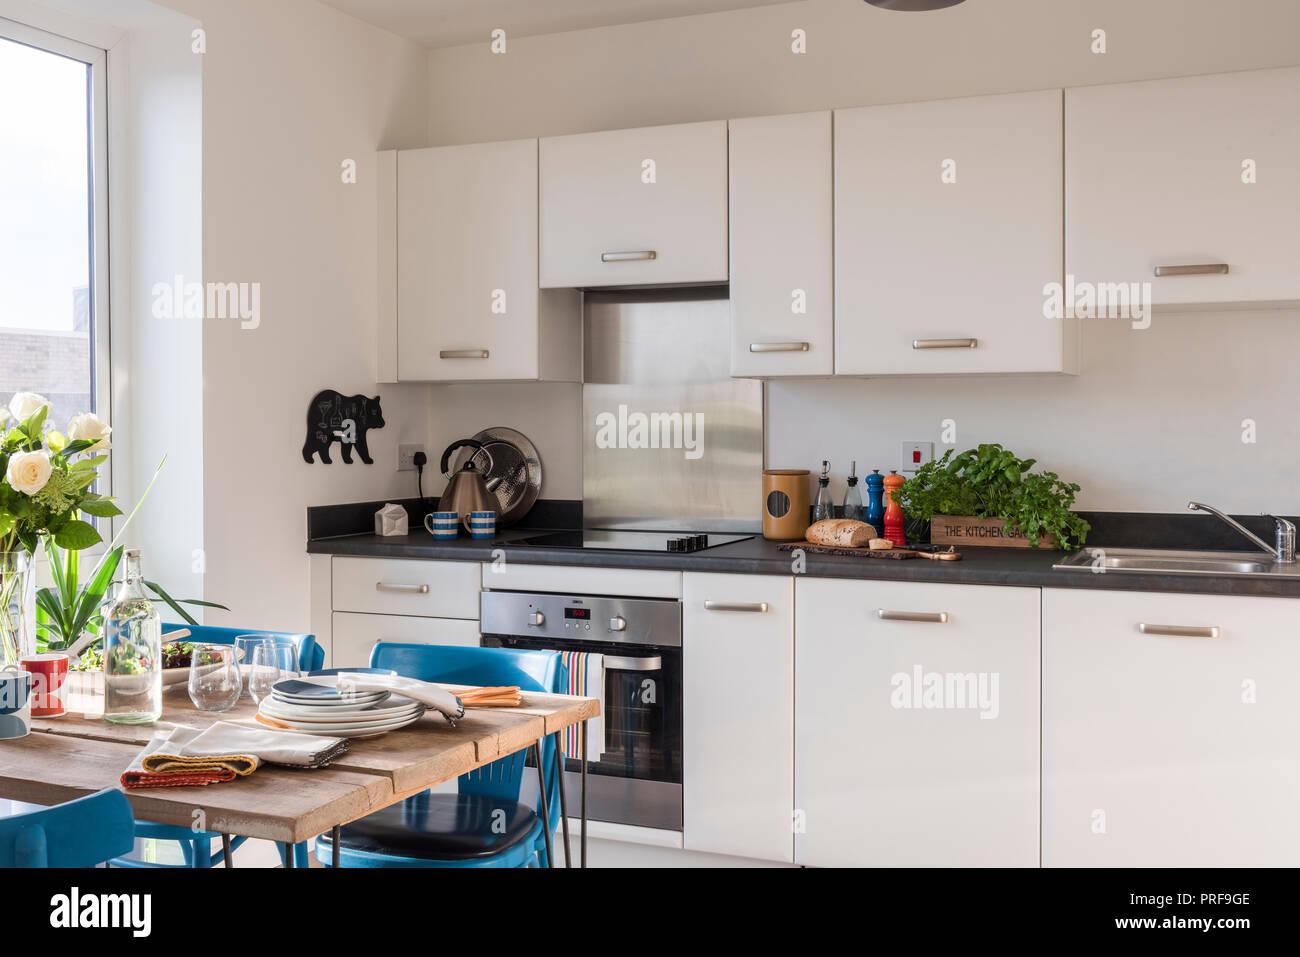 Retro Stil Küche mit Gerüst Brett Stockfoto, Bild: 220998302 - Alamy